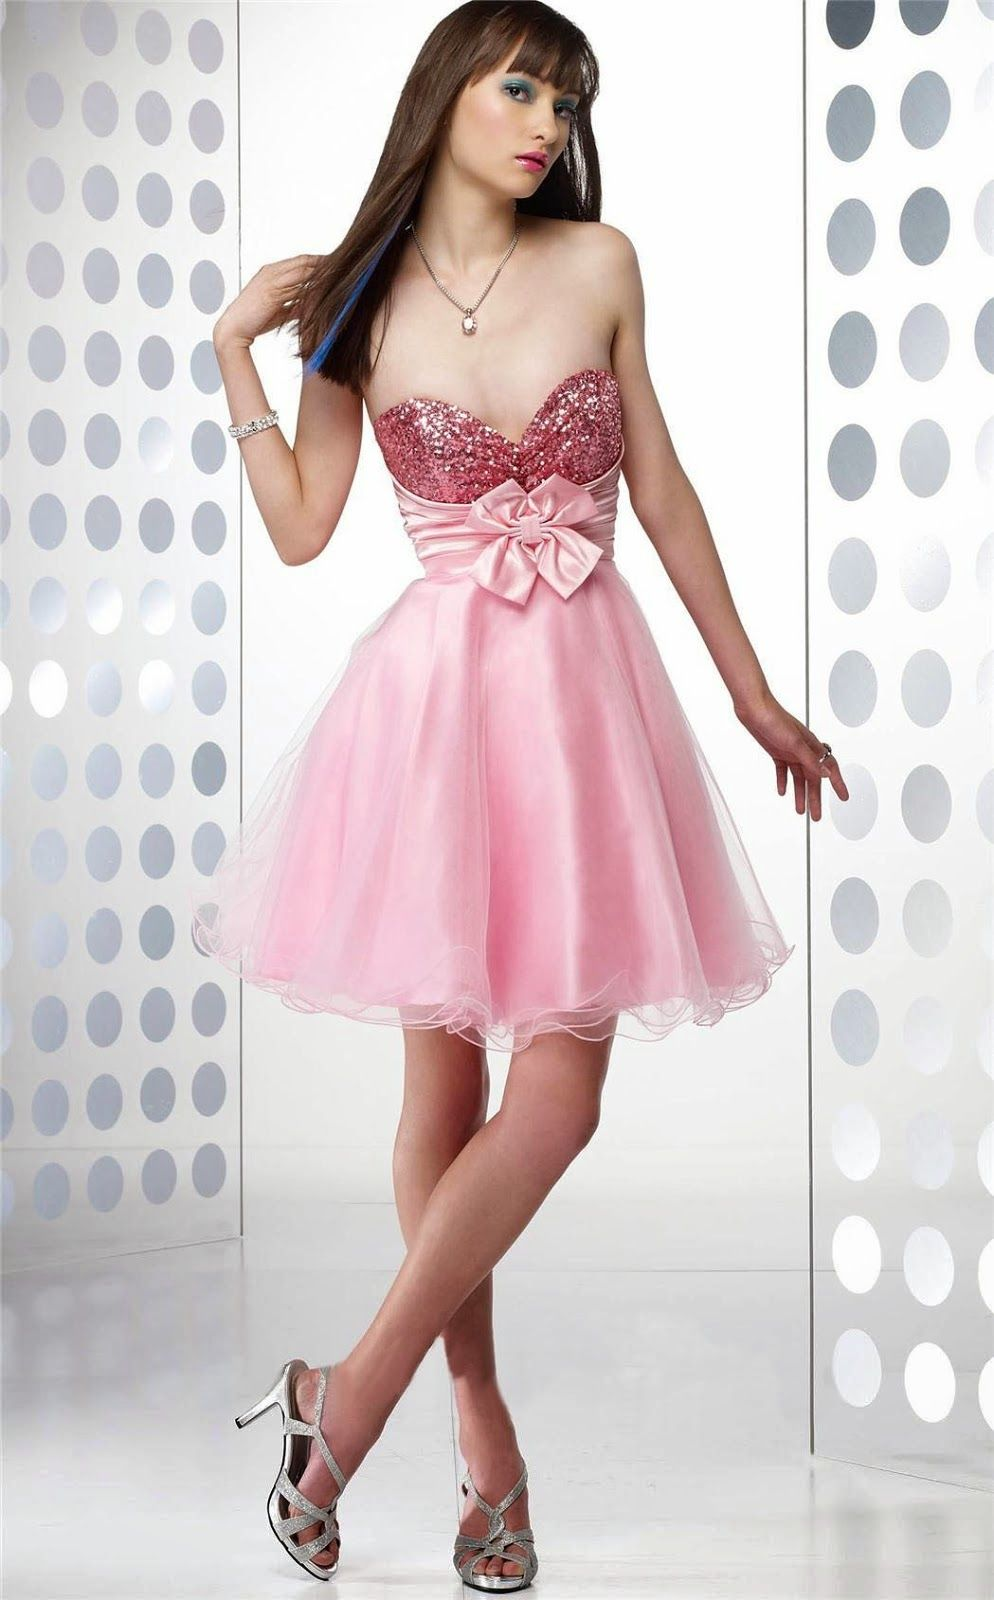 El nuevo color de la moda: Vestidos color rosado | Vestidos de Moda ...